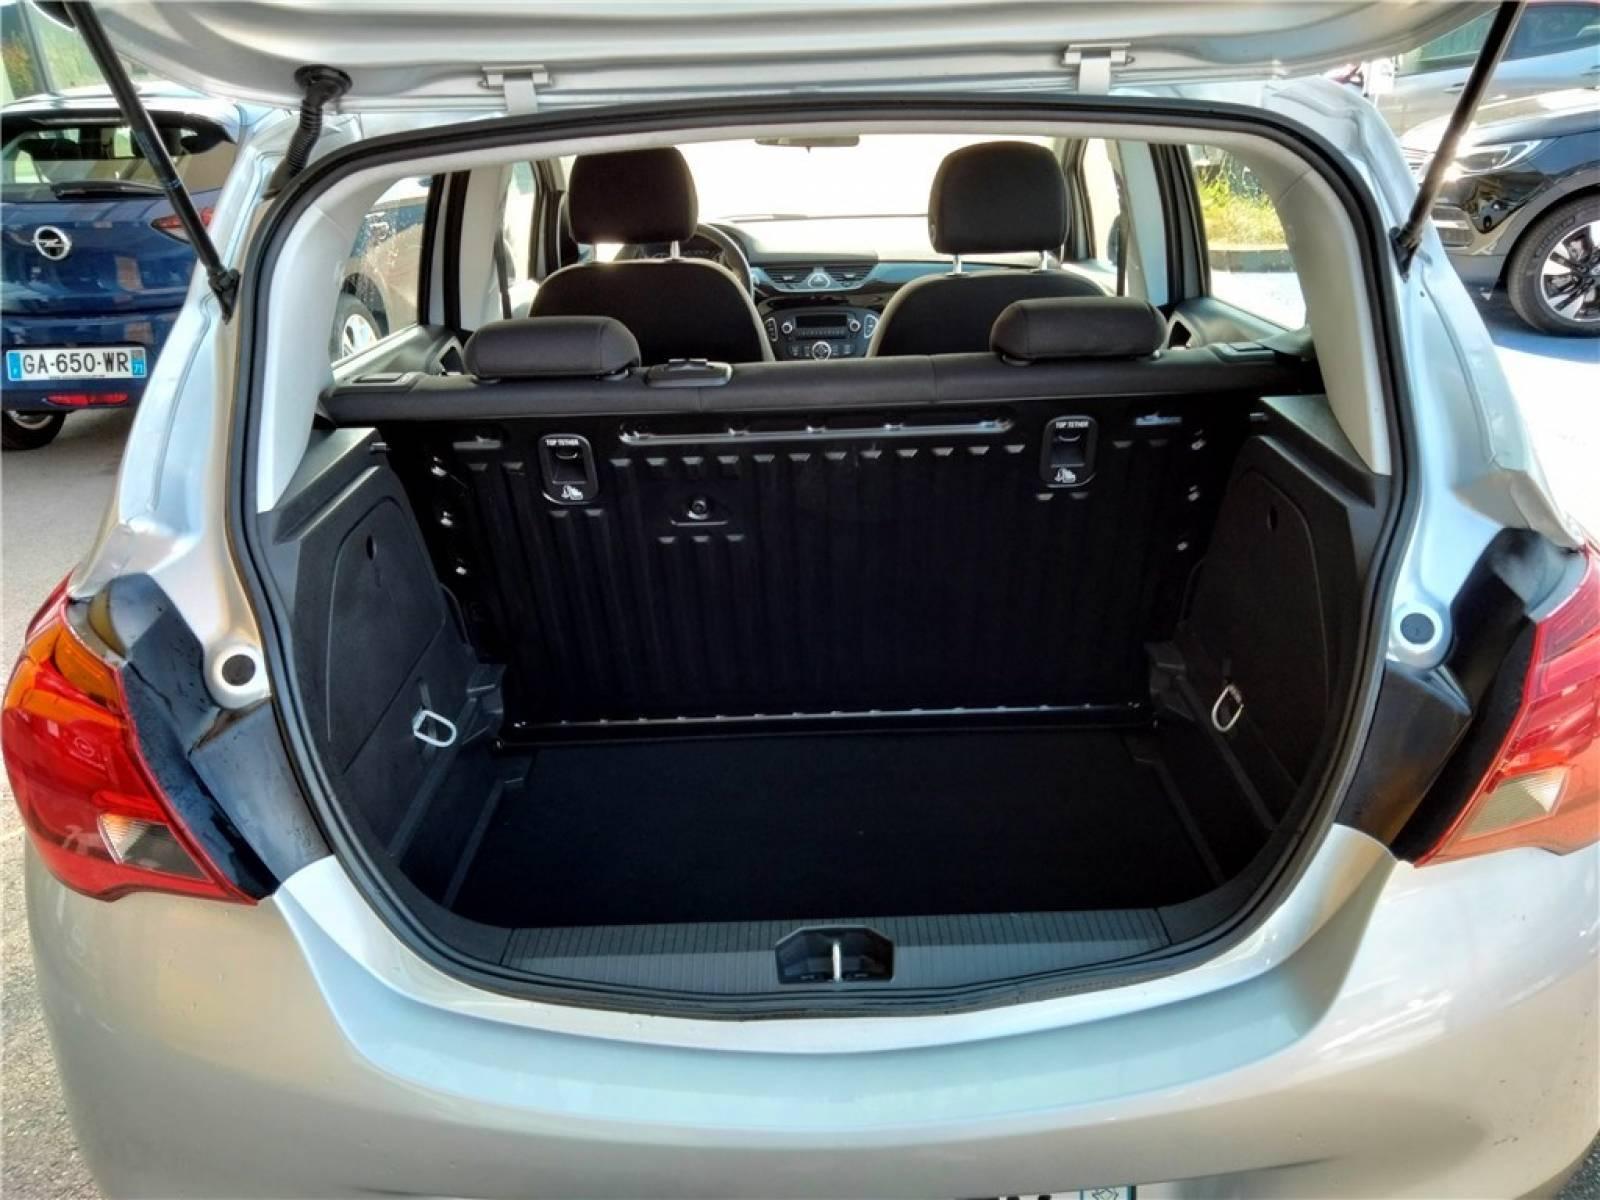 OPEL Corsa 1.4 90 ch - véhicule d'occasion - Groupe Guillet - Opel Magicauto - Montceau-les-Mines - 71300 - Montceau-les-Mines - 14